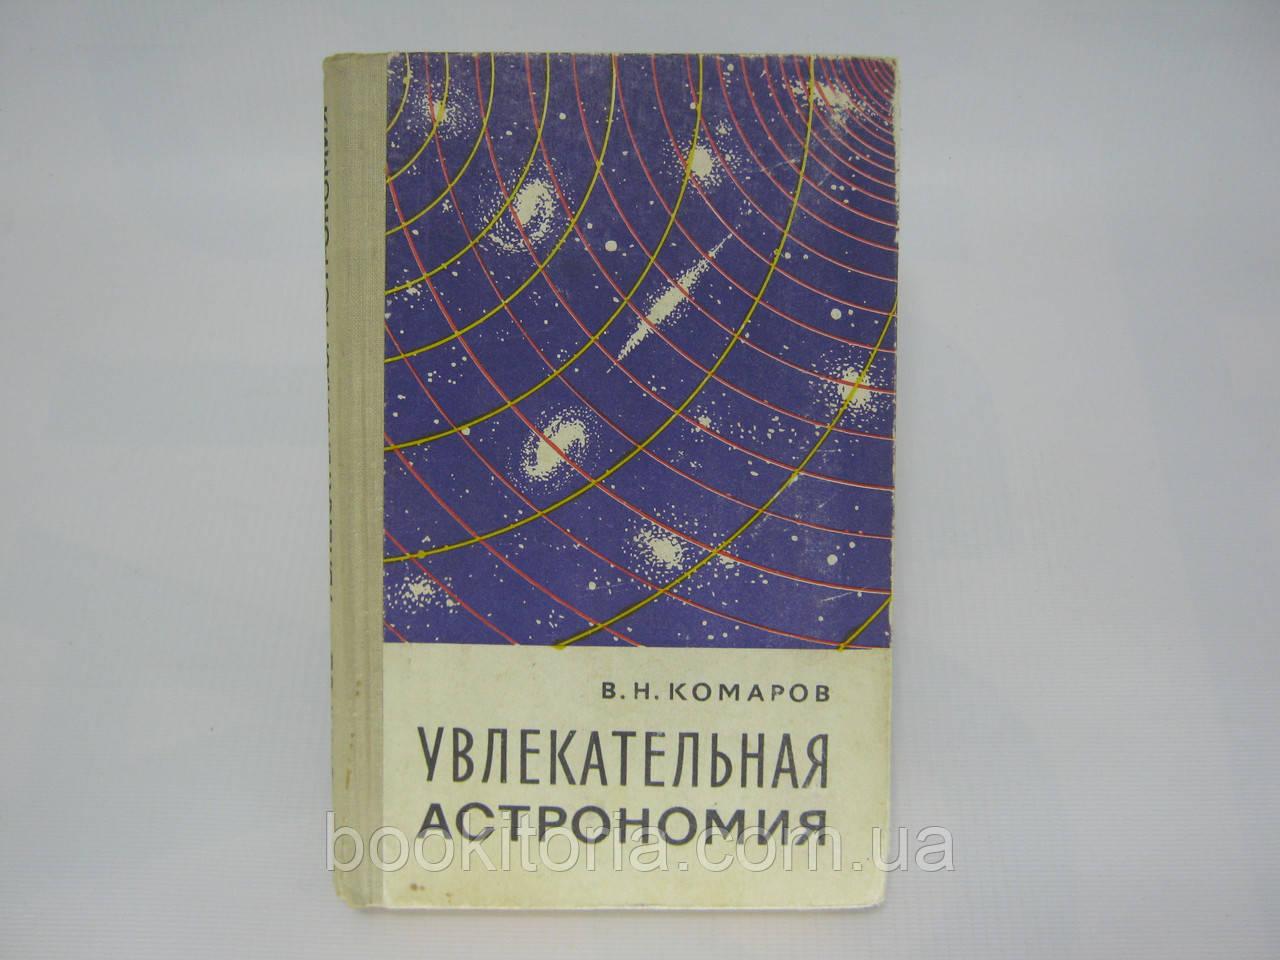 Комаров В.Н. Увлекательная астрономия (б/у).